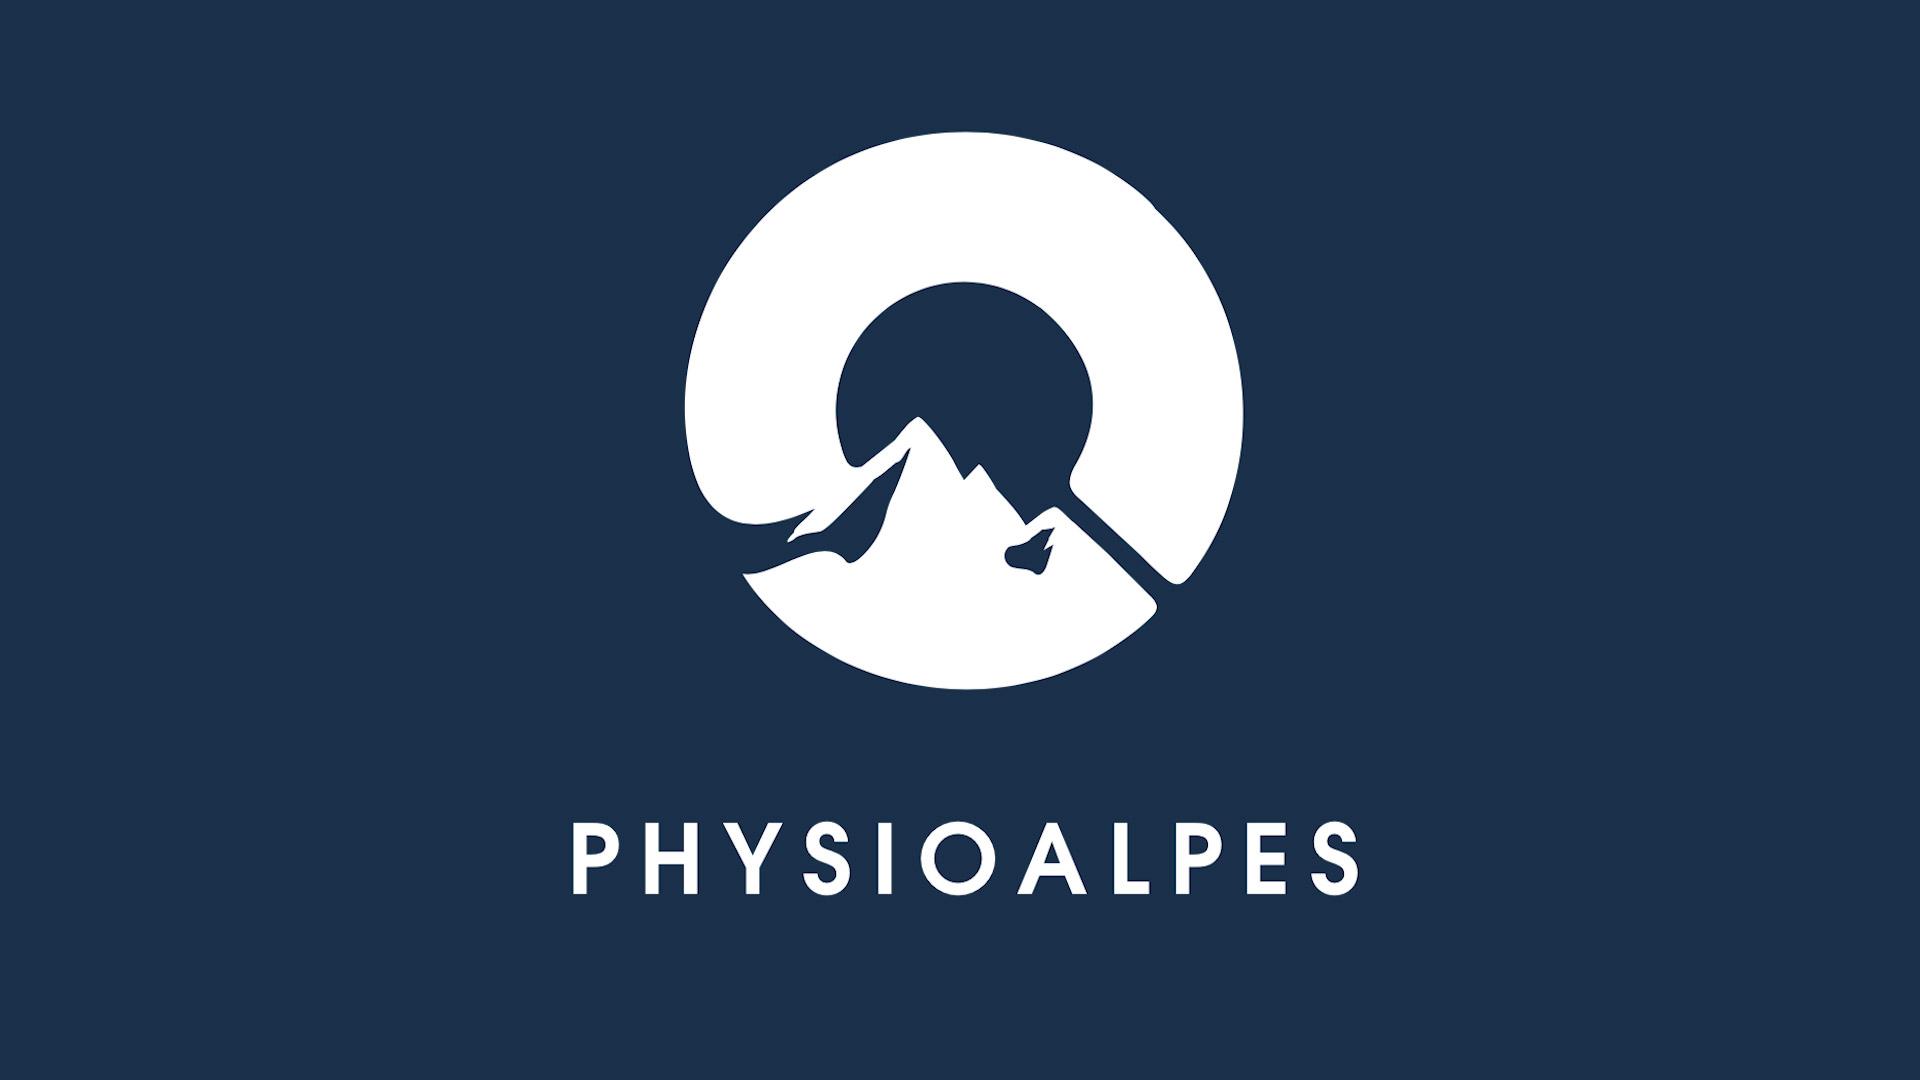 PhysioAlpes